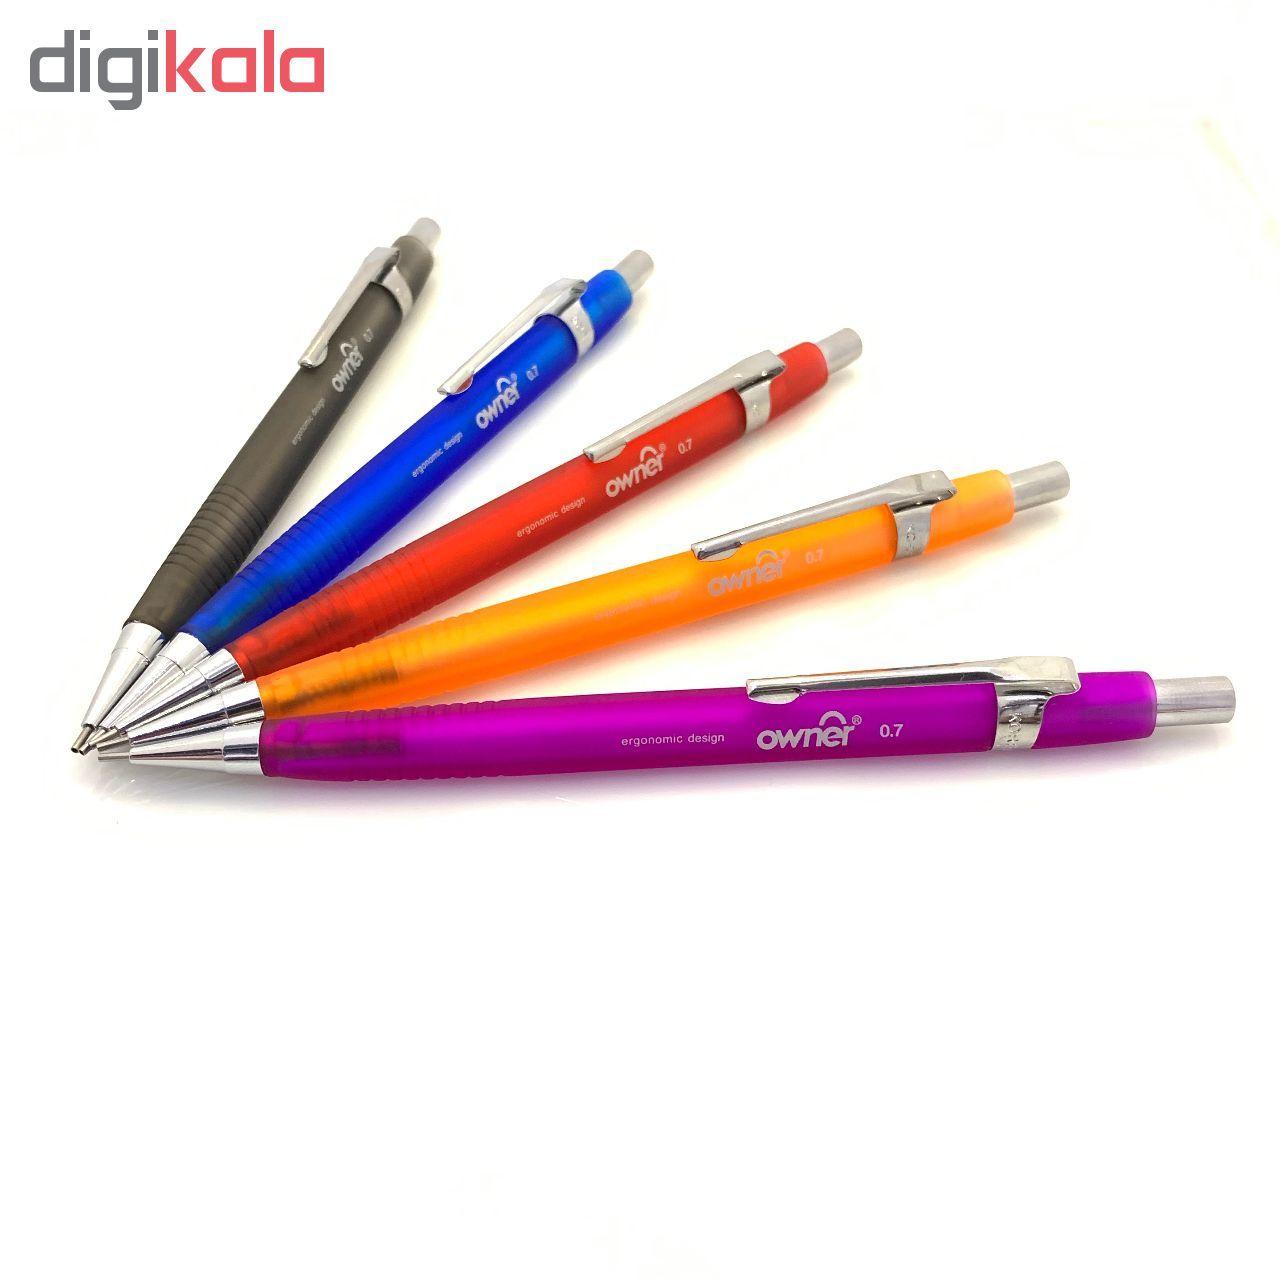 مداد نوکی اونر کد 115200 قطر نوشتاری  0.7 میلی متر main 1 6